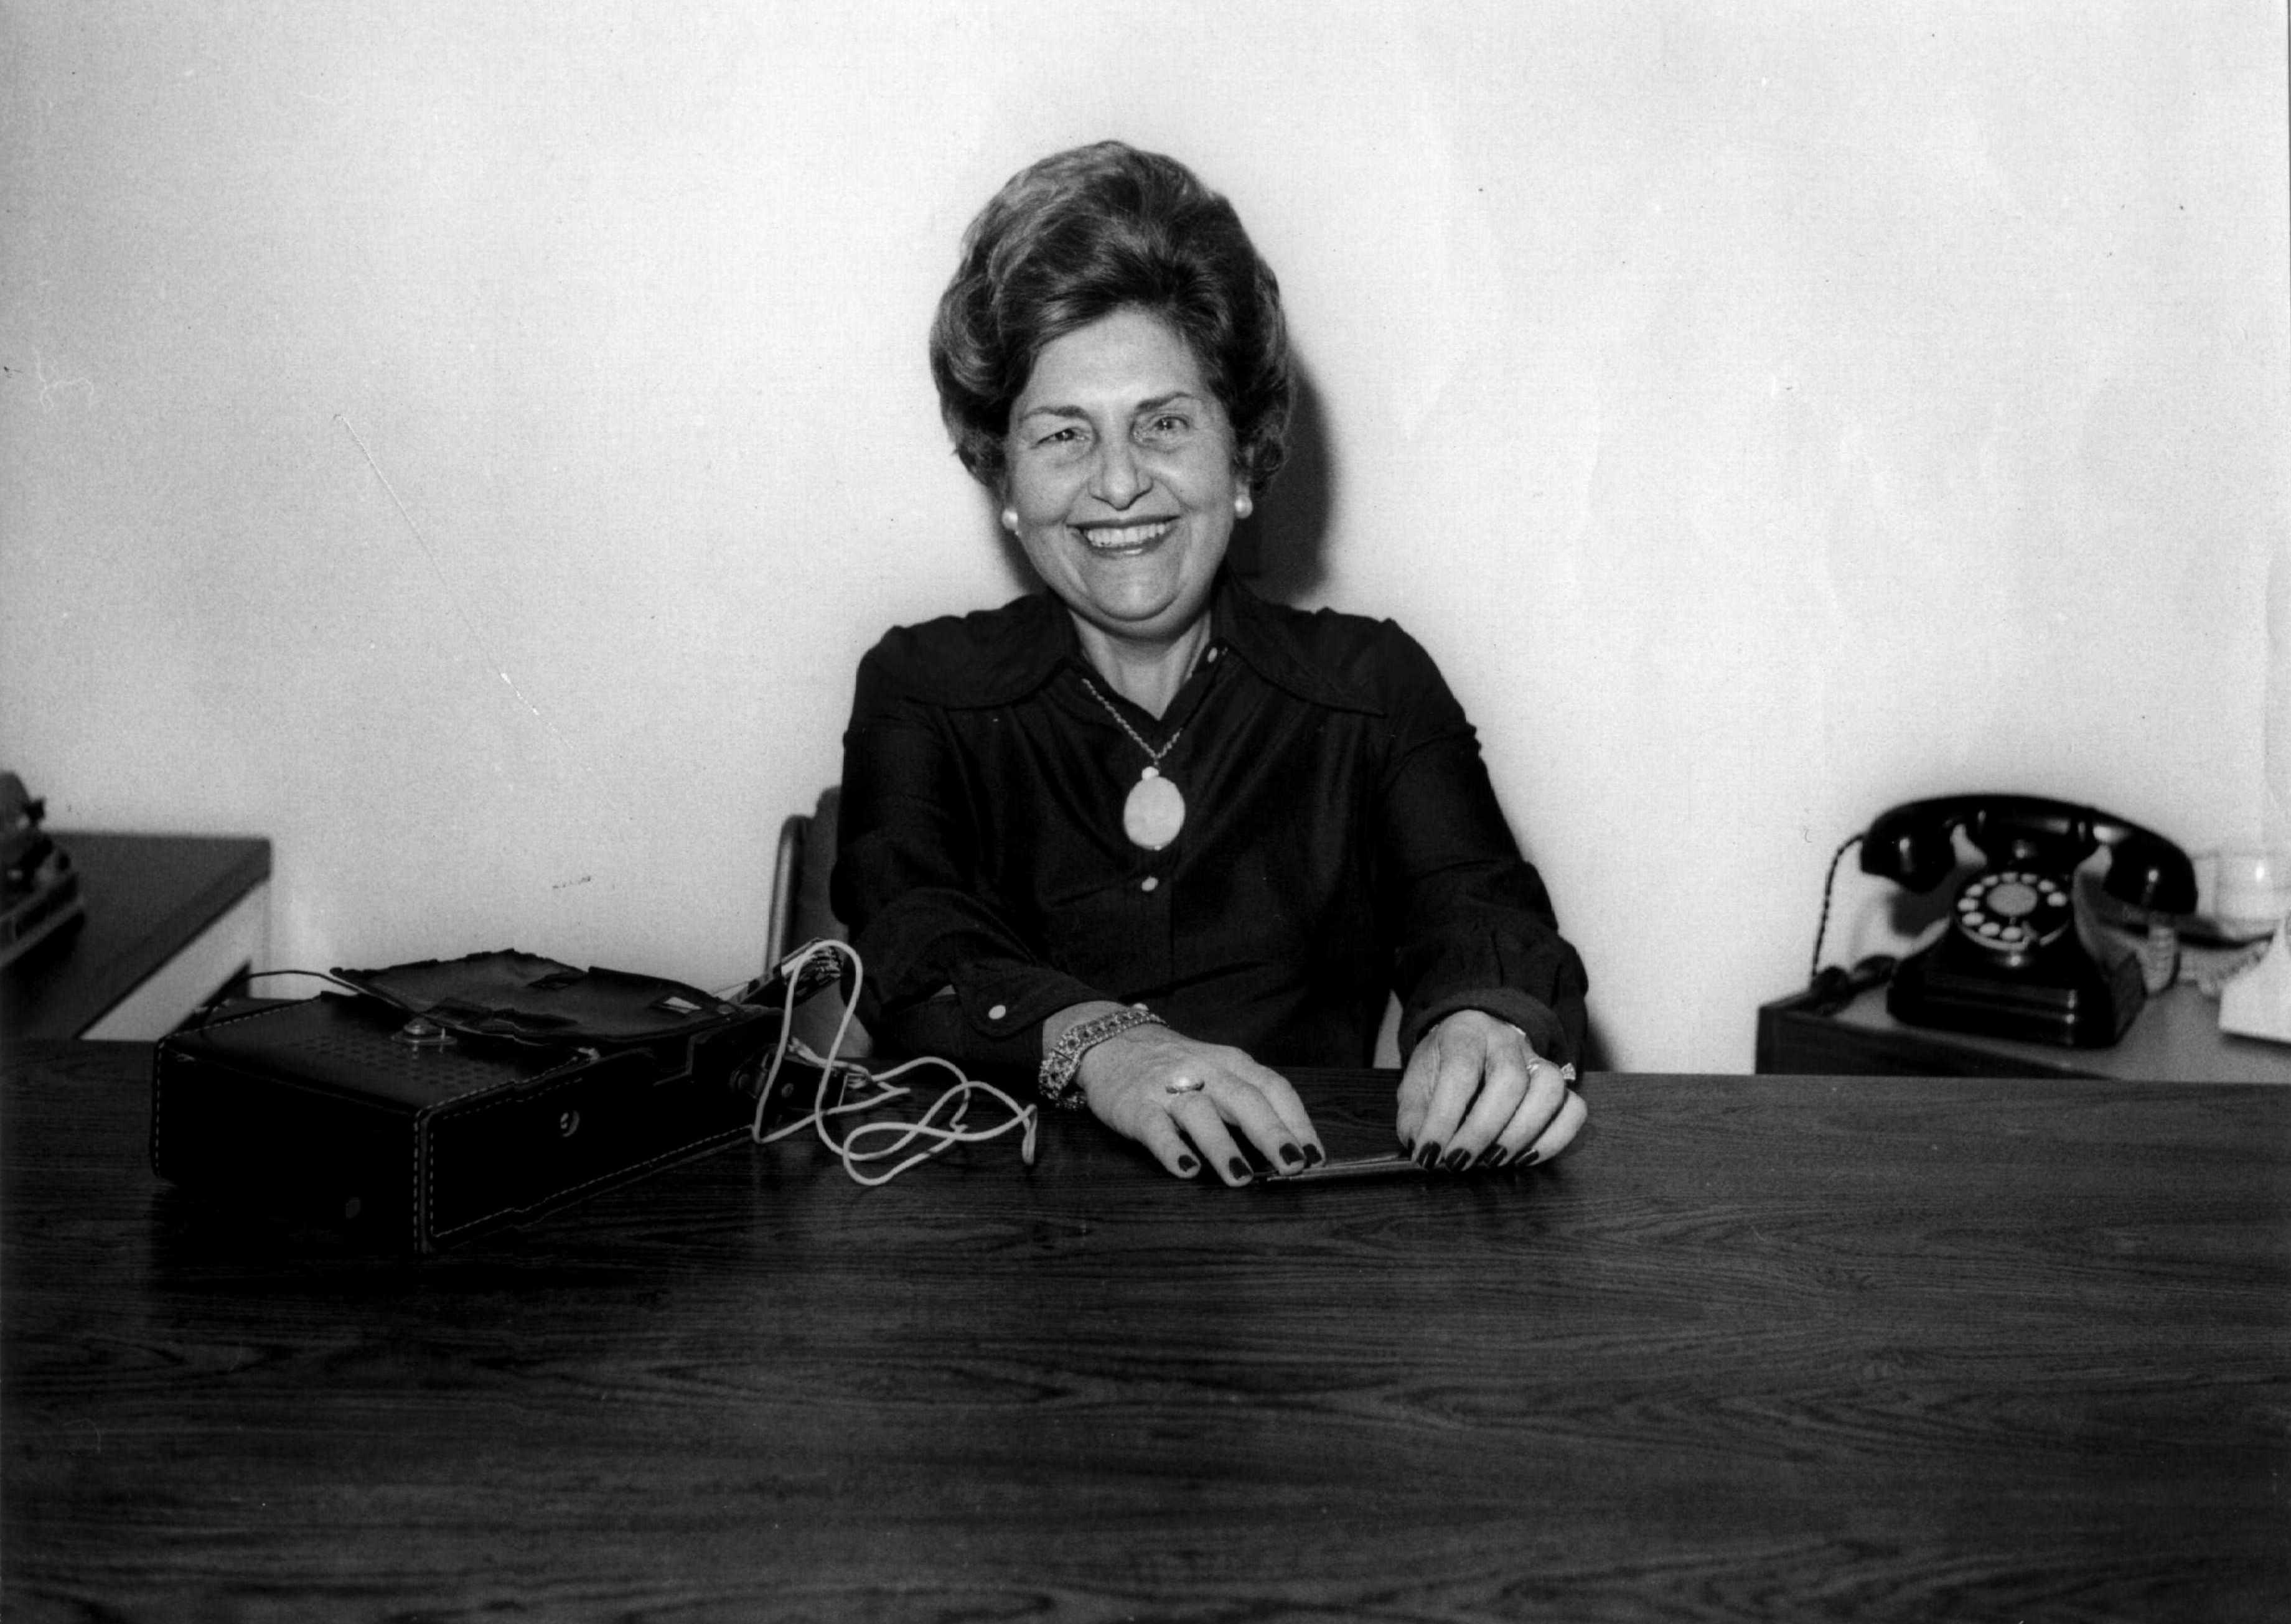 Imagem de Dorina Nowill jovem em preto e branco. Dorina está sentada em uma mesa sorrindo